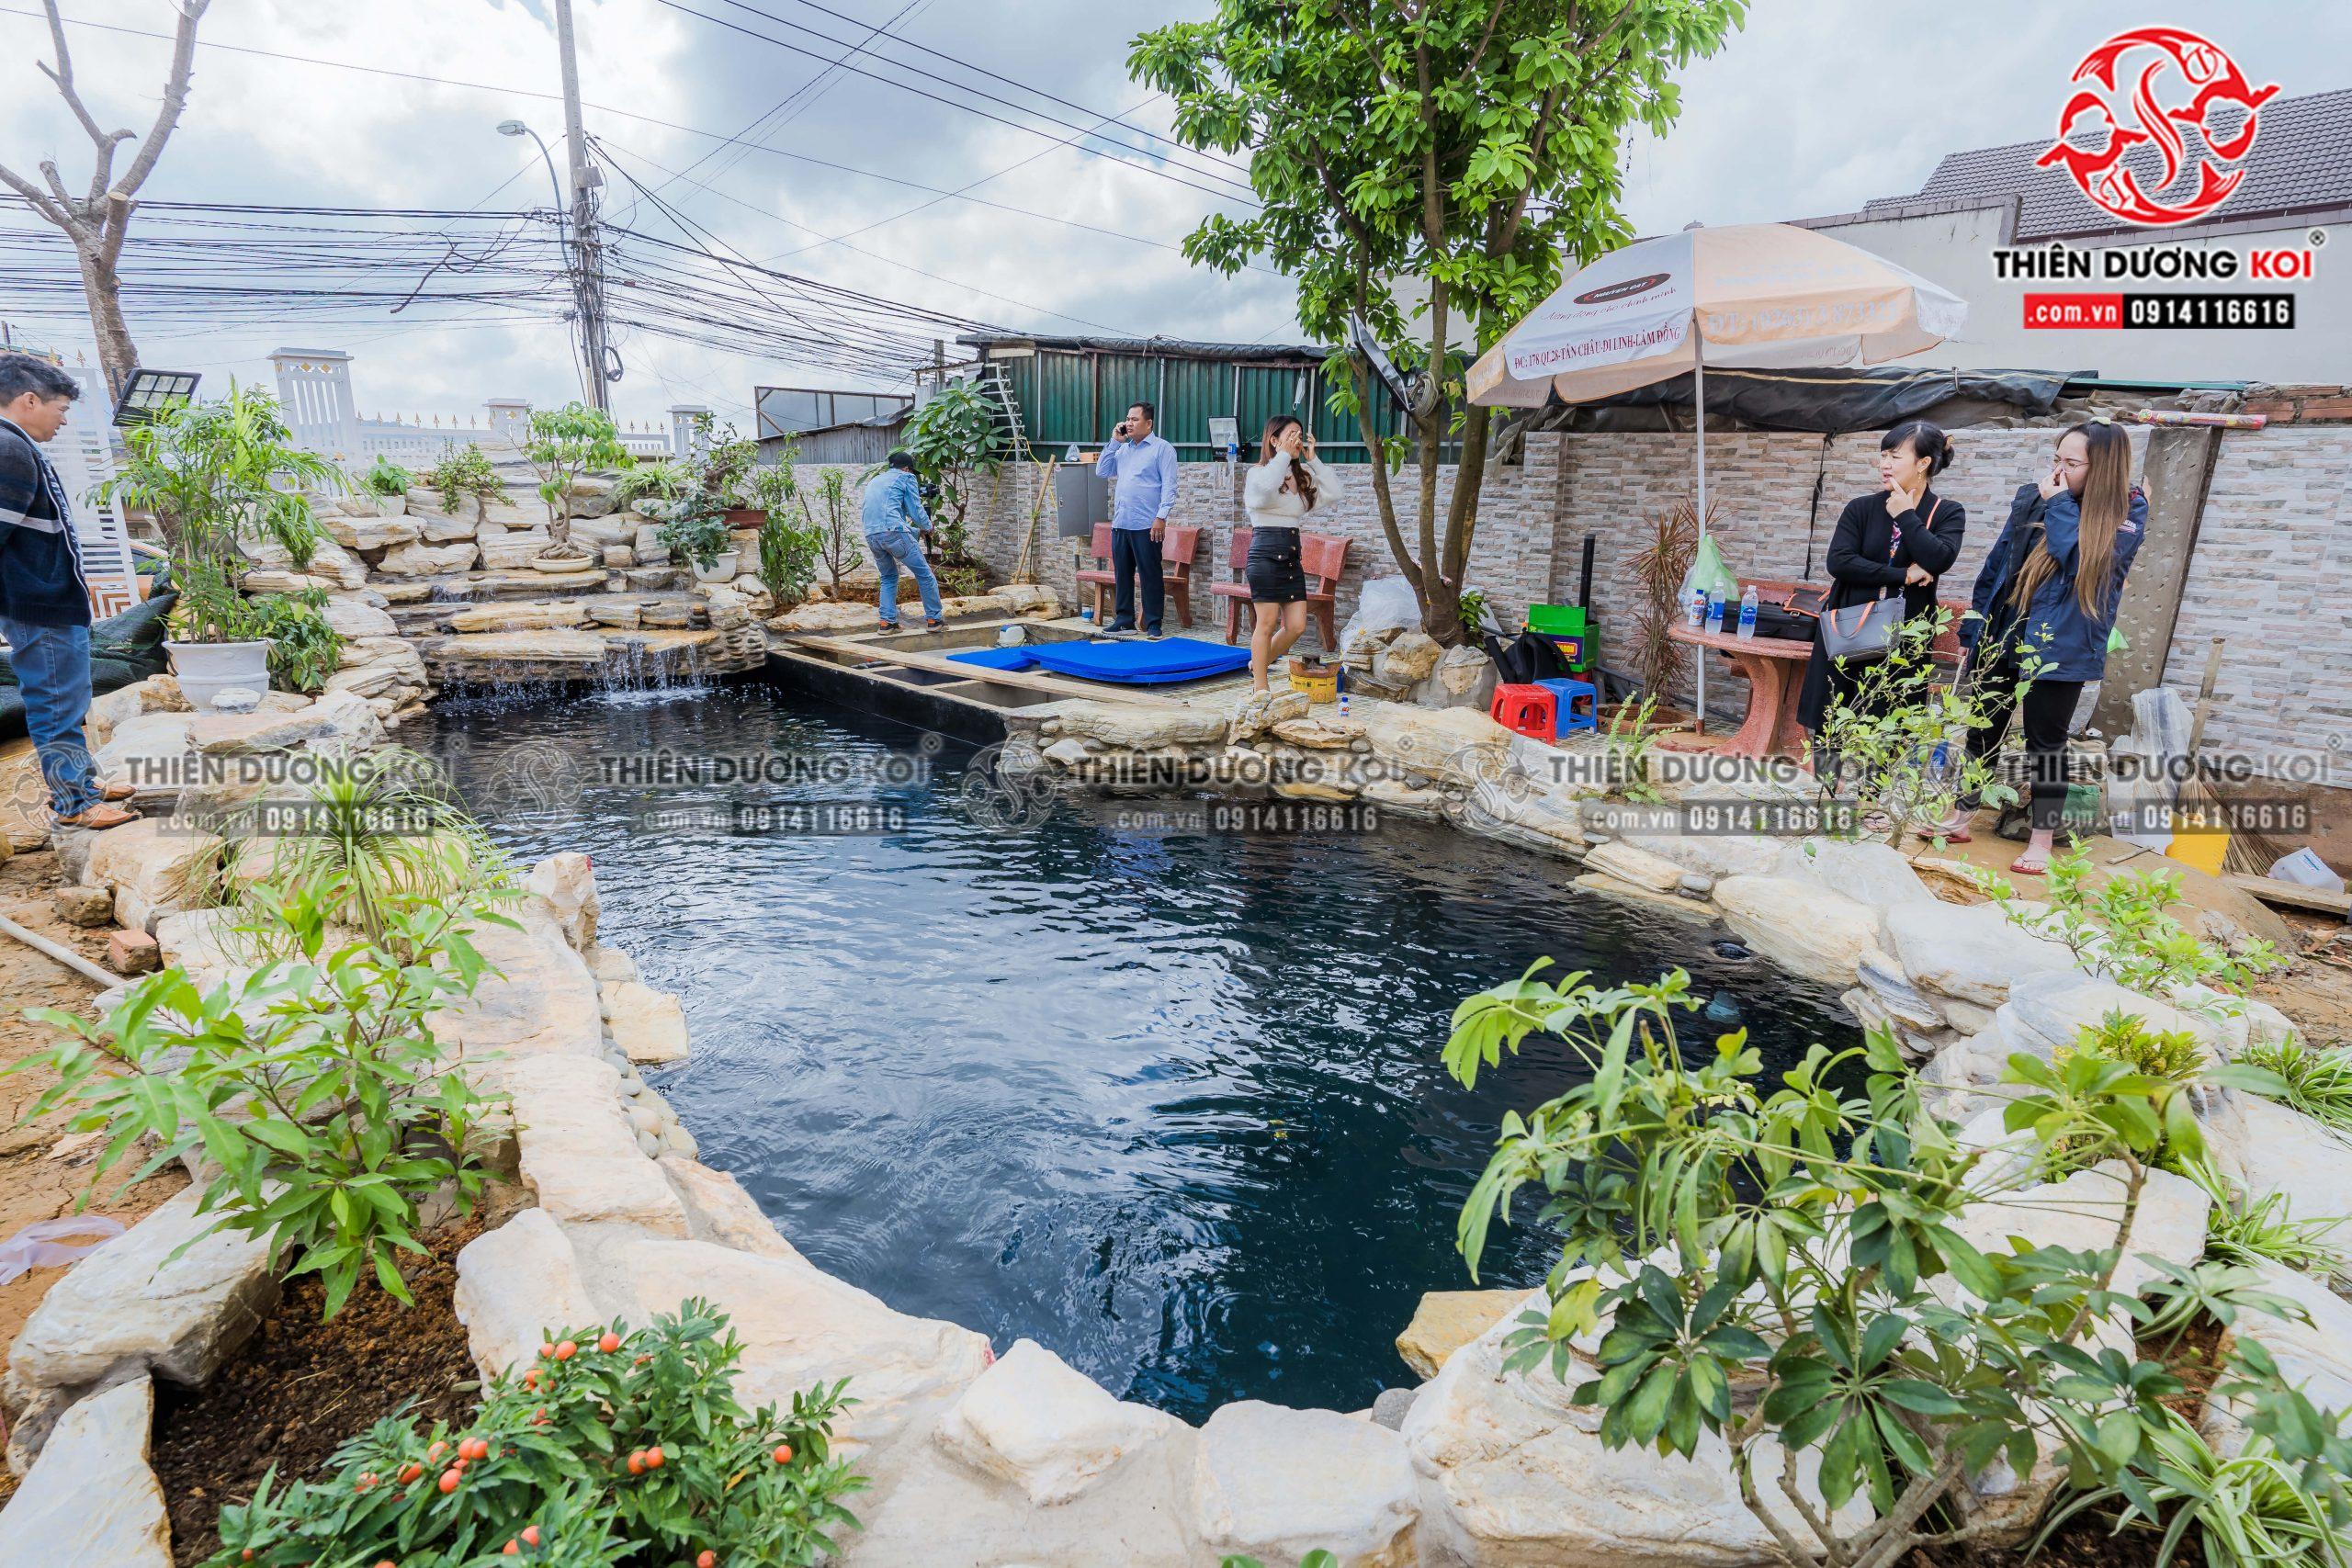 Công trình hồ cá Koi gần hoàn thiện của gia đình Chị Nhu tại Đà Lạt